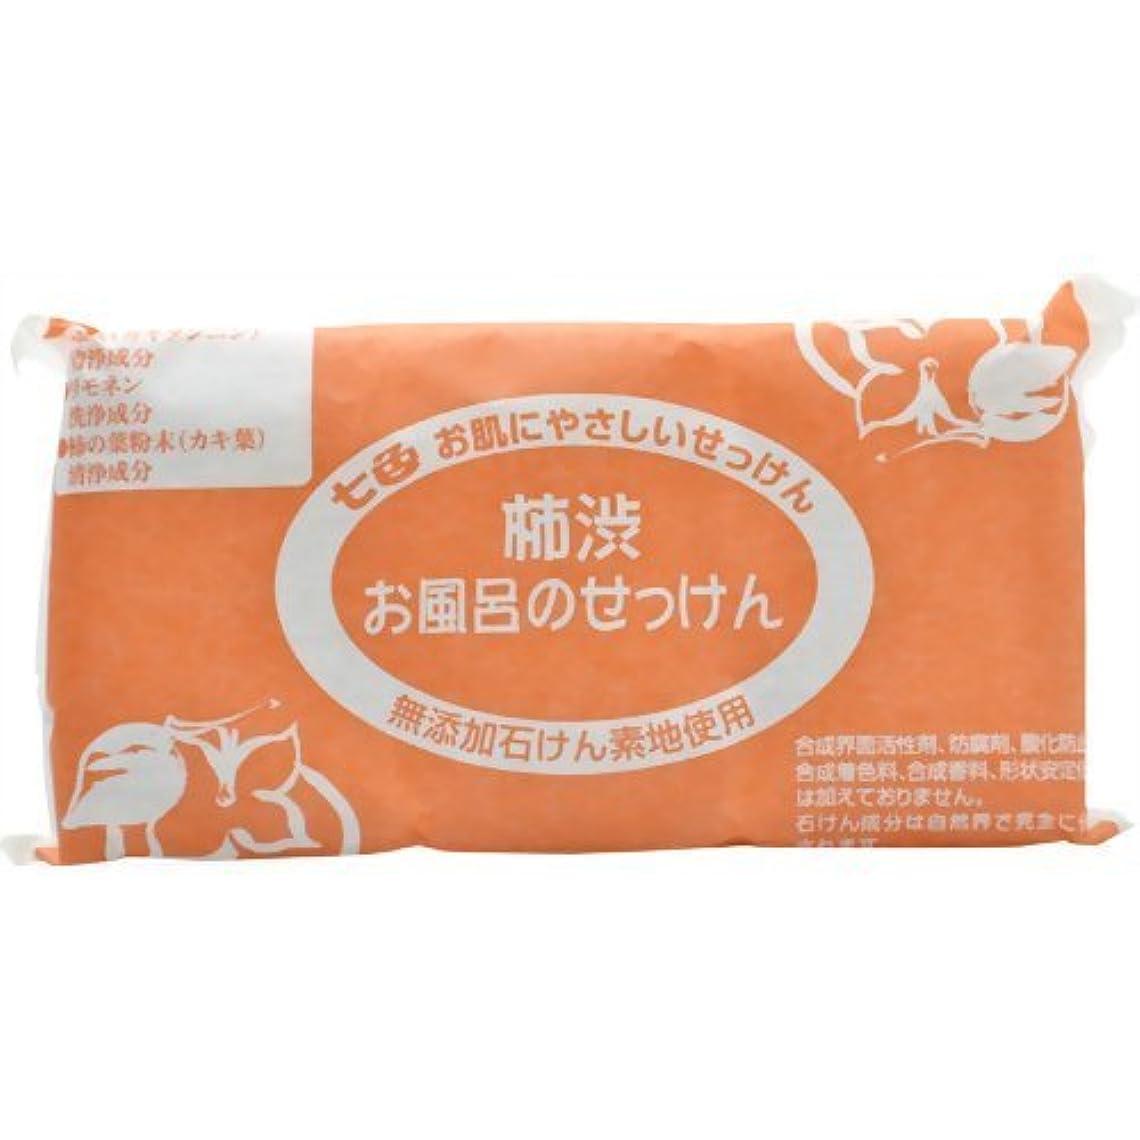 シマウマ管理伝統的七色 お風呂のせっけん 柿渋(無添加石鹸) 100g×3個入